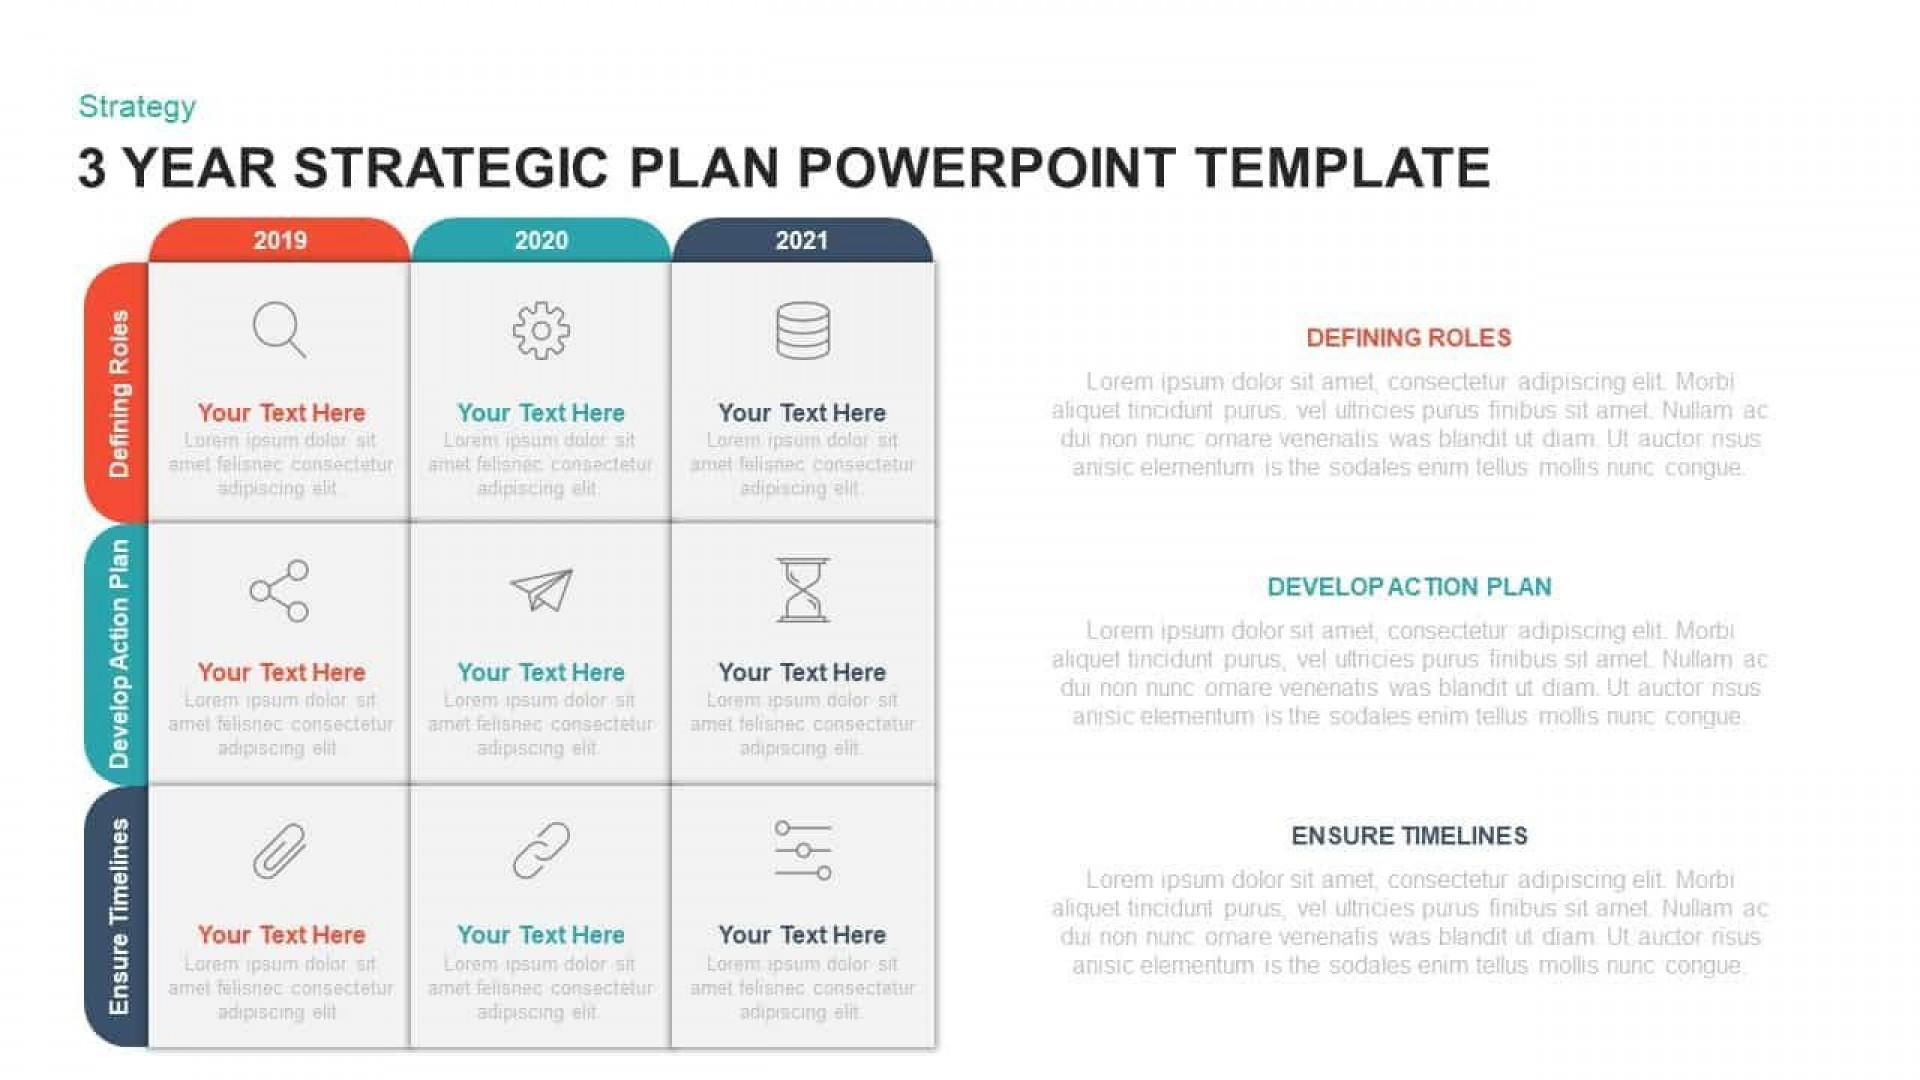 008 Fantastic Strategic Planning Template Ppt Image  Free Download Hr Plan Presentation1920